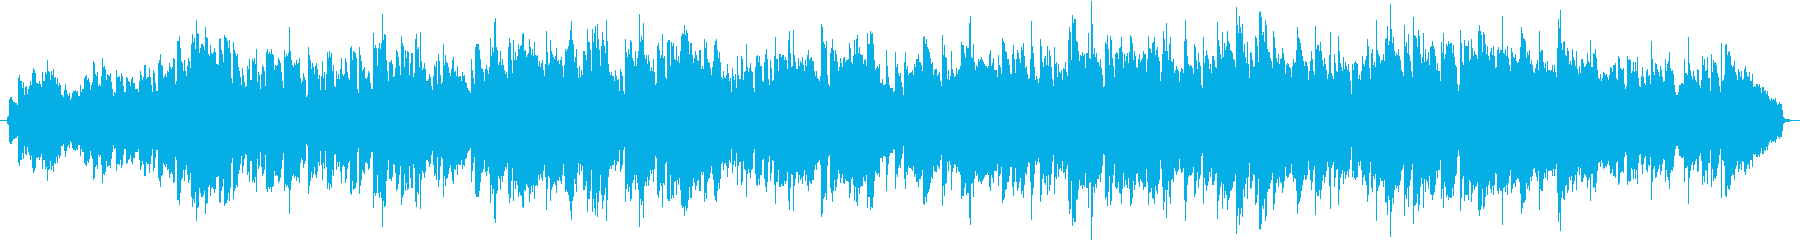 ミドルテンポの感動的な洋楽の再生済みの波形